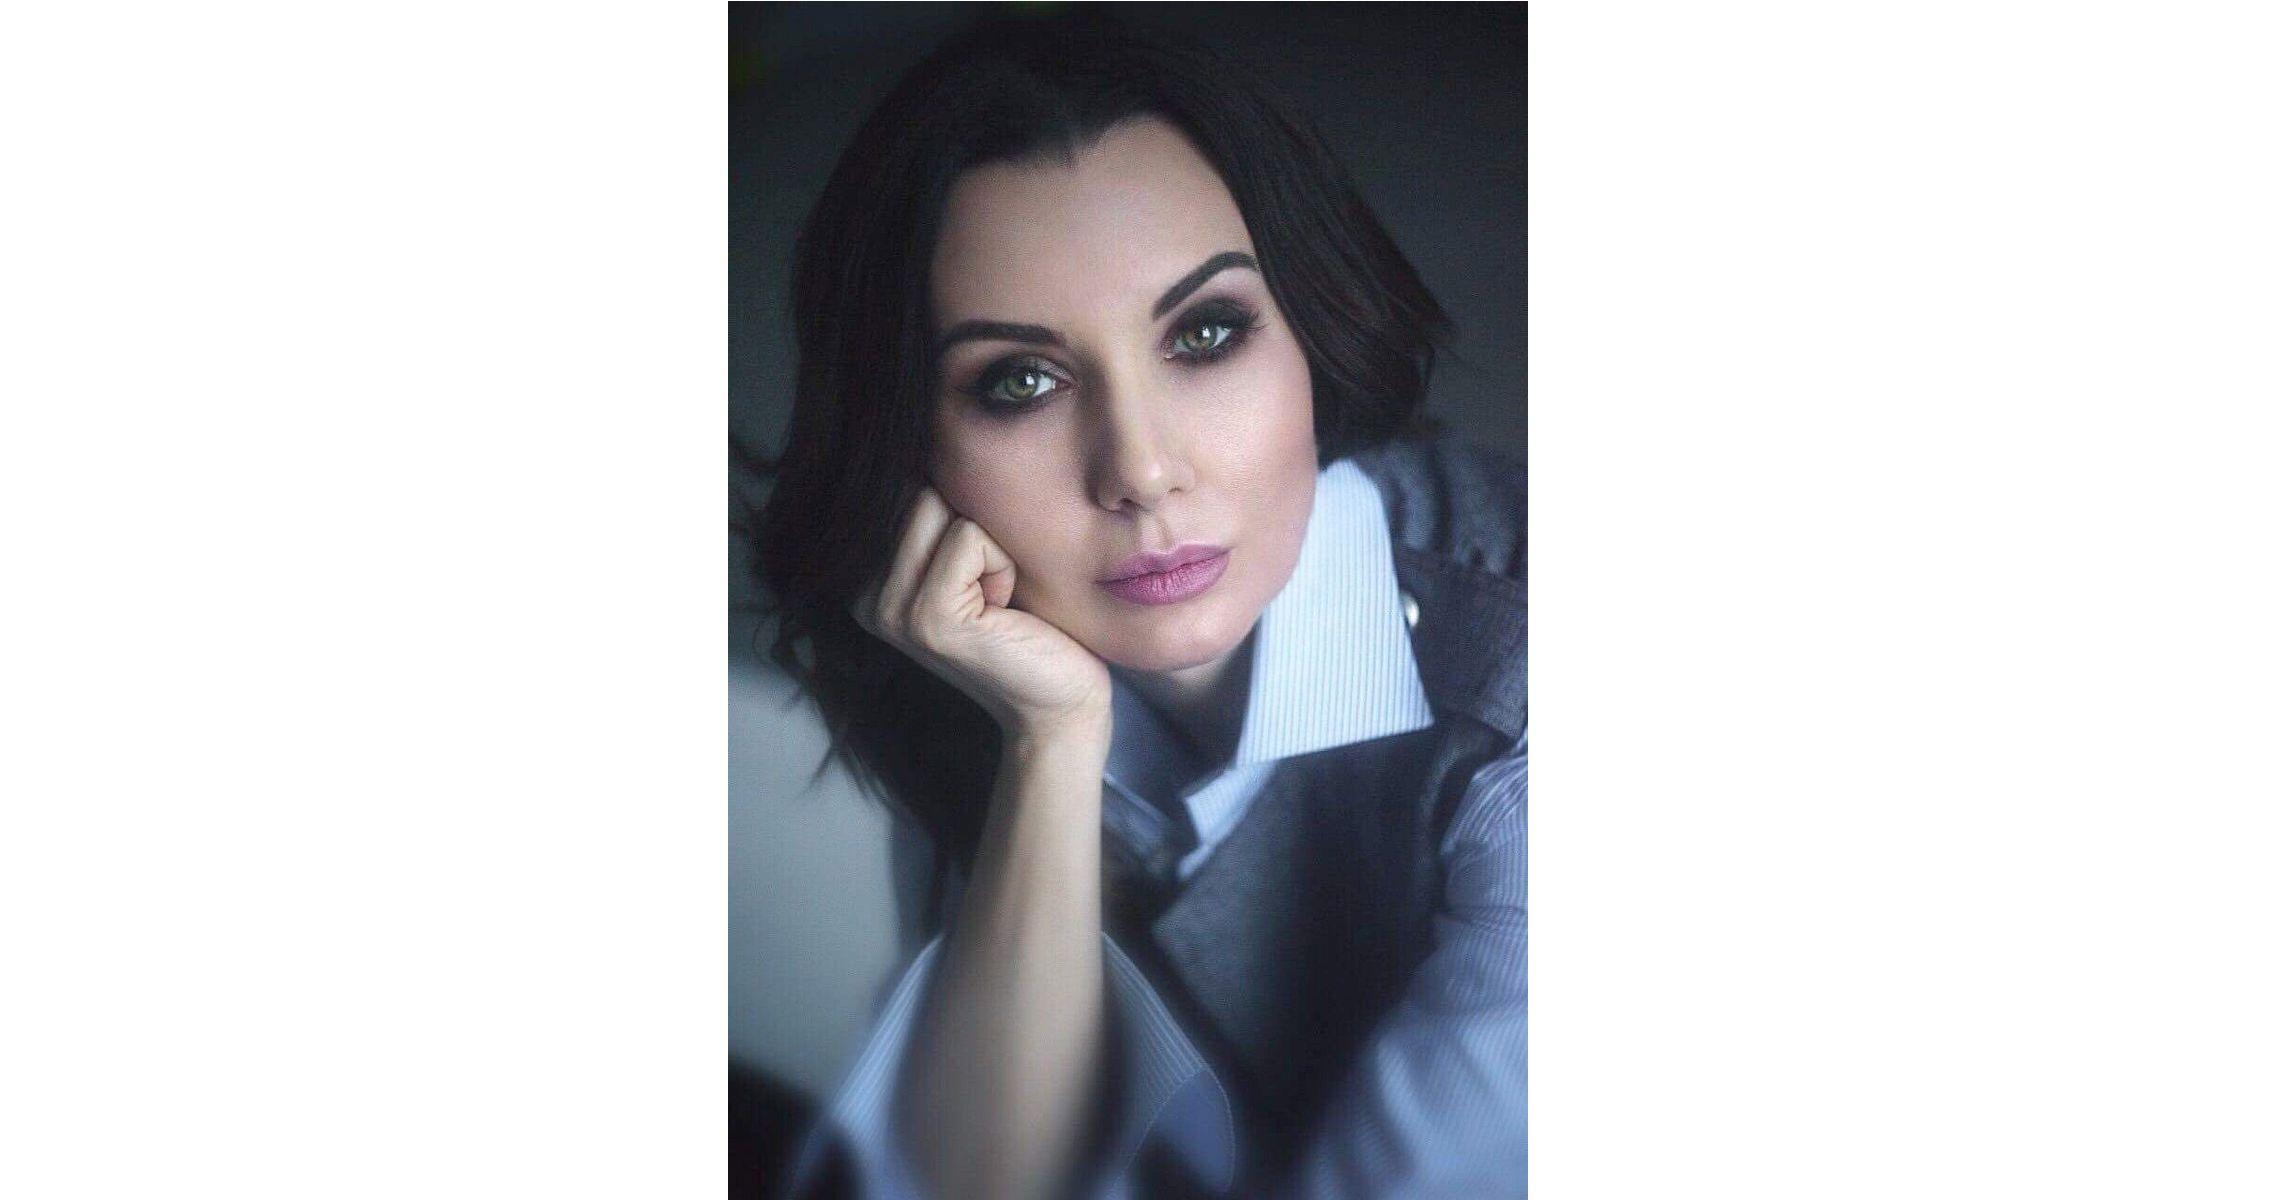 Одна з найгарніших жінок України вінничанка Наталя Фурманова: «Я ніколи не вважала себе красивою»